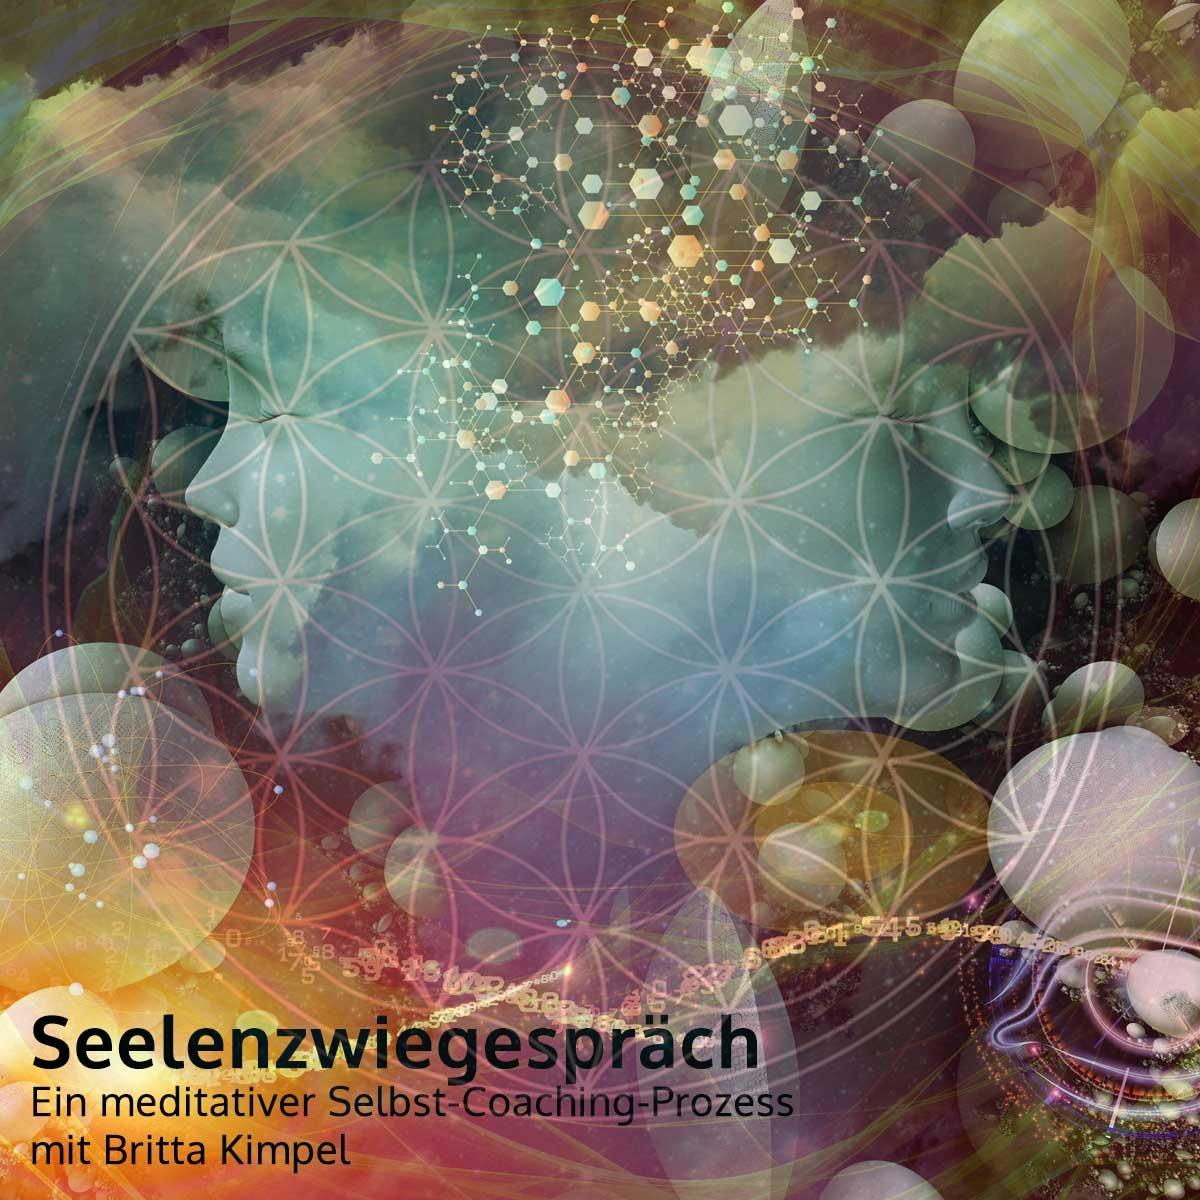 Gespräch mit deiner Seele - Ein meditativer Selbst-Coaching-Prozess